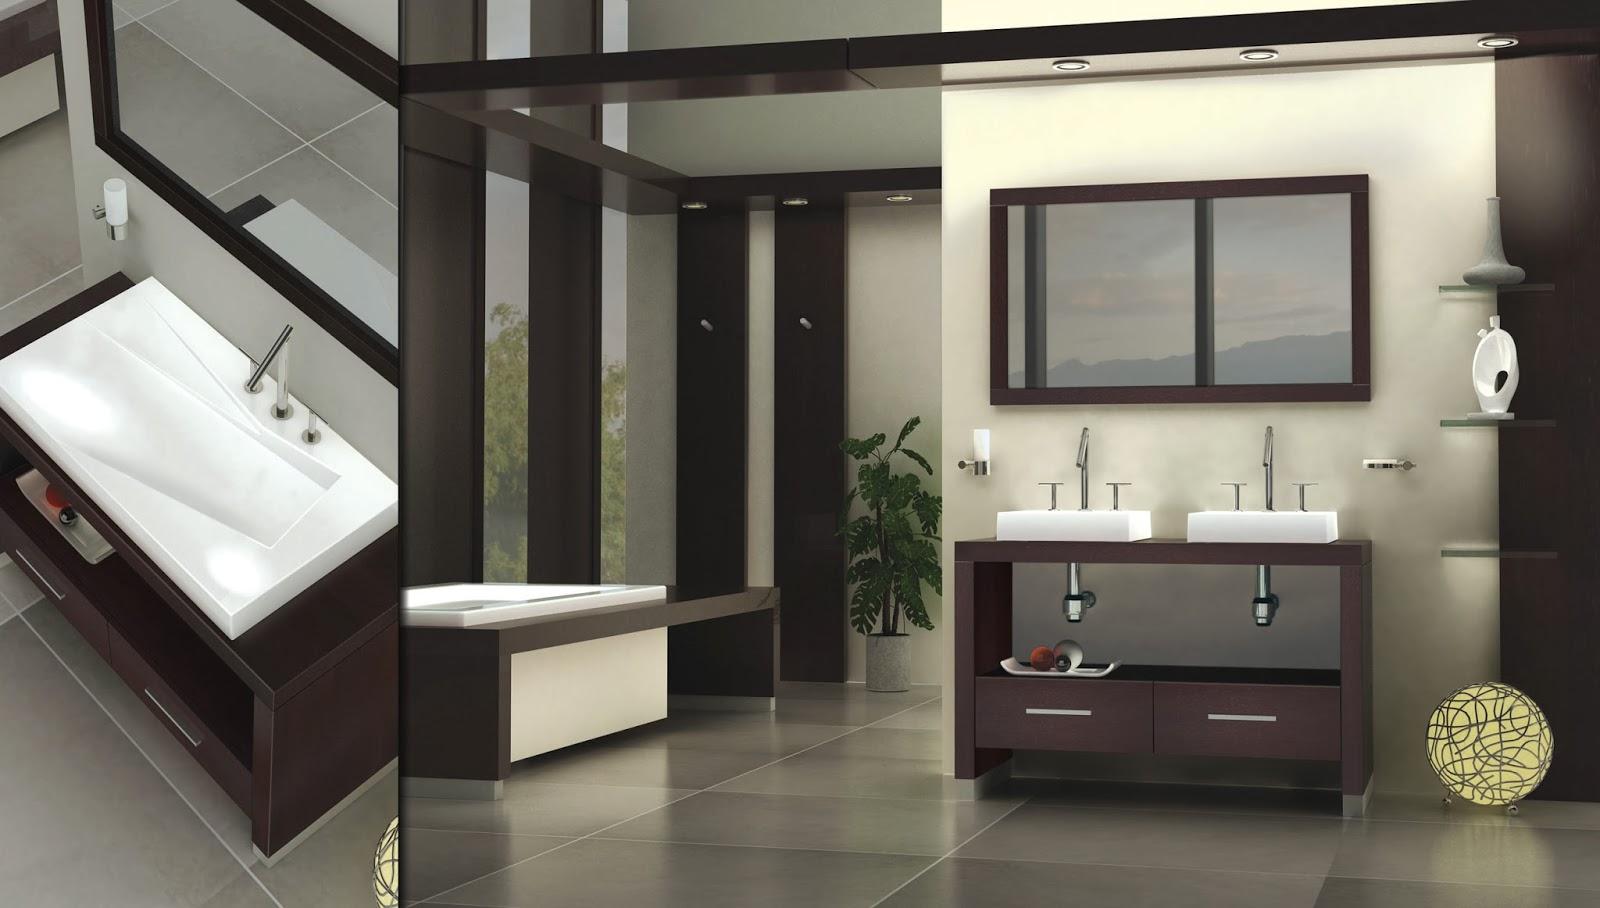 Bacha Para Baño Azul:Mueble Para Bacha De Apoyo : bacha-de-46-x-36-de-apoyo-o-para-vanitory